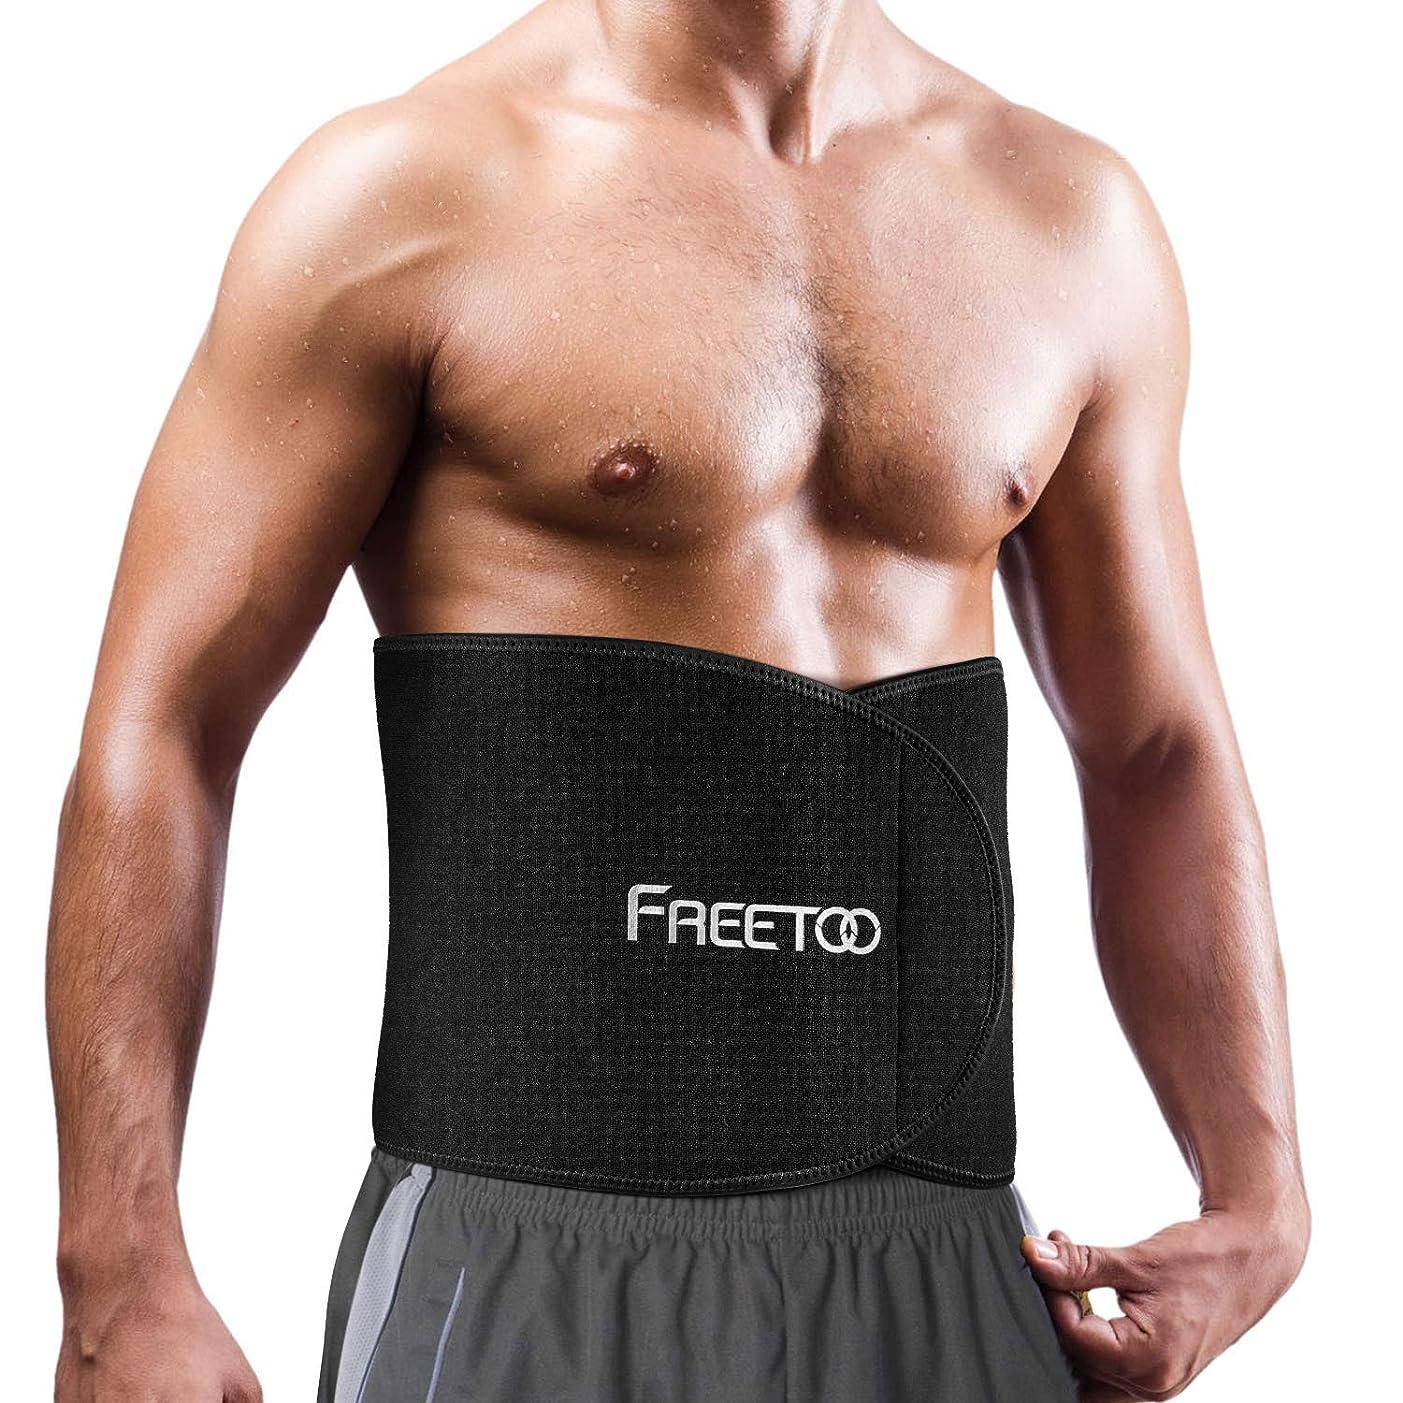 方言小包視線FREETOO シェイプアップベルト ダイエットベルト 発汗 脂肪燃焼 ウエストトリマーベルト 厚さ2.5-3mm 軽量 お腹引き締めベルト 高品質材料 男女兼用 様々なスポーツに対応 3サイズ